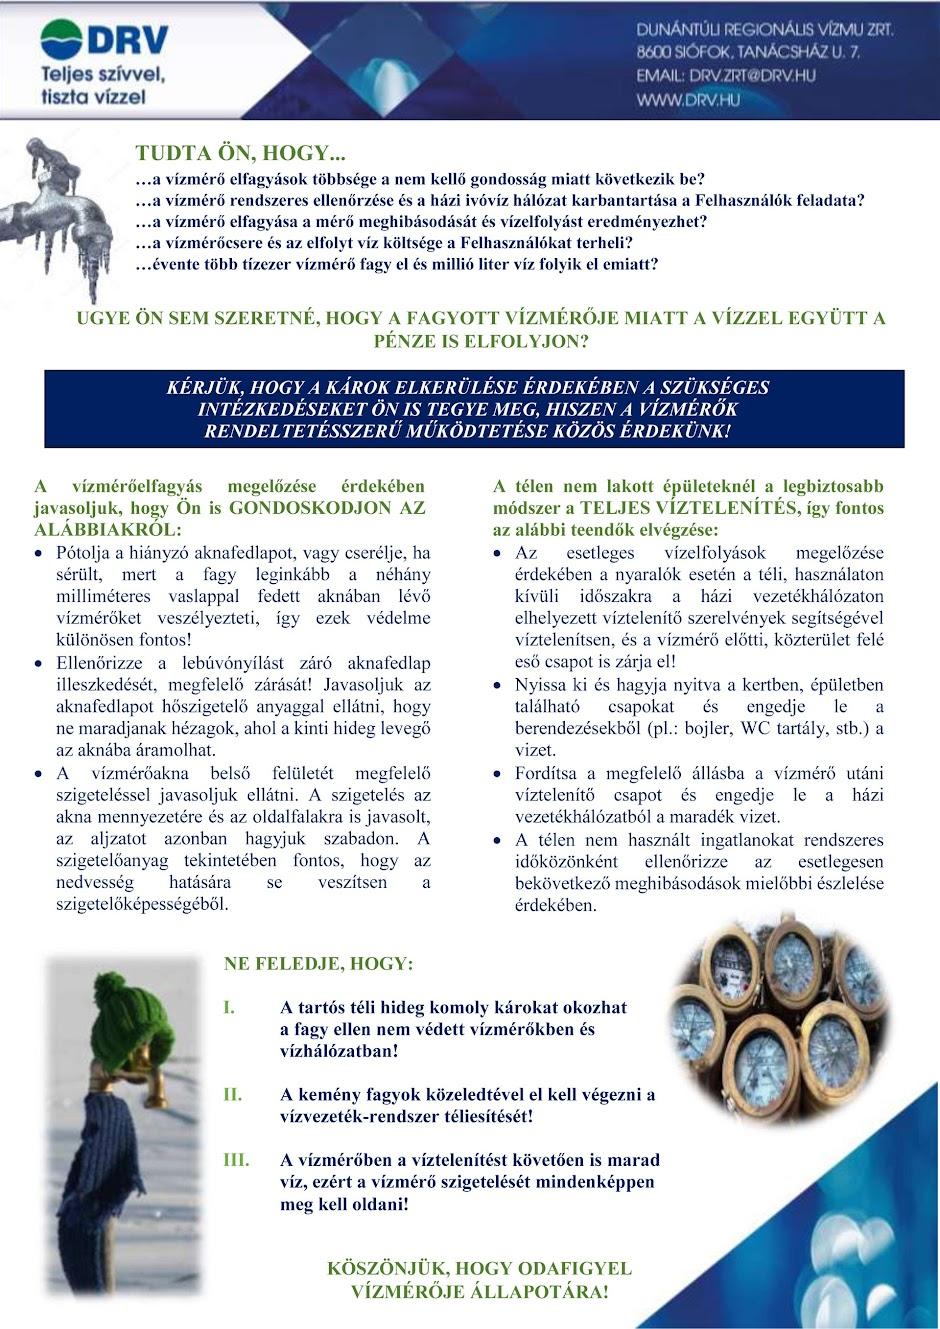 Vízmérő elfagyás elleni védekezés 2017